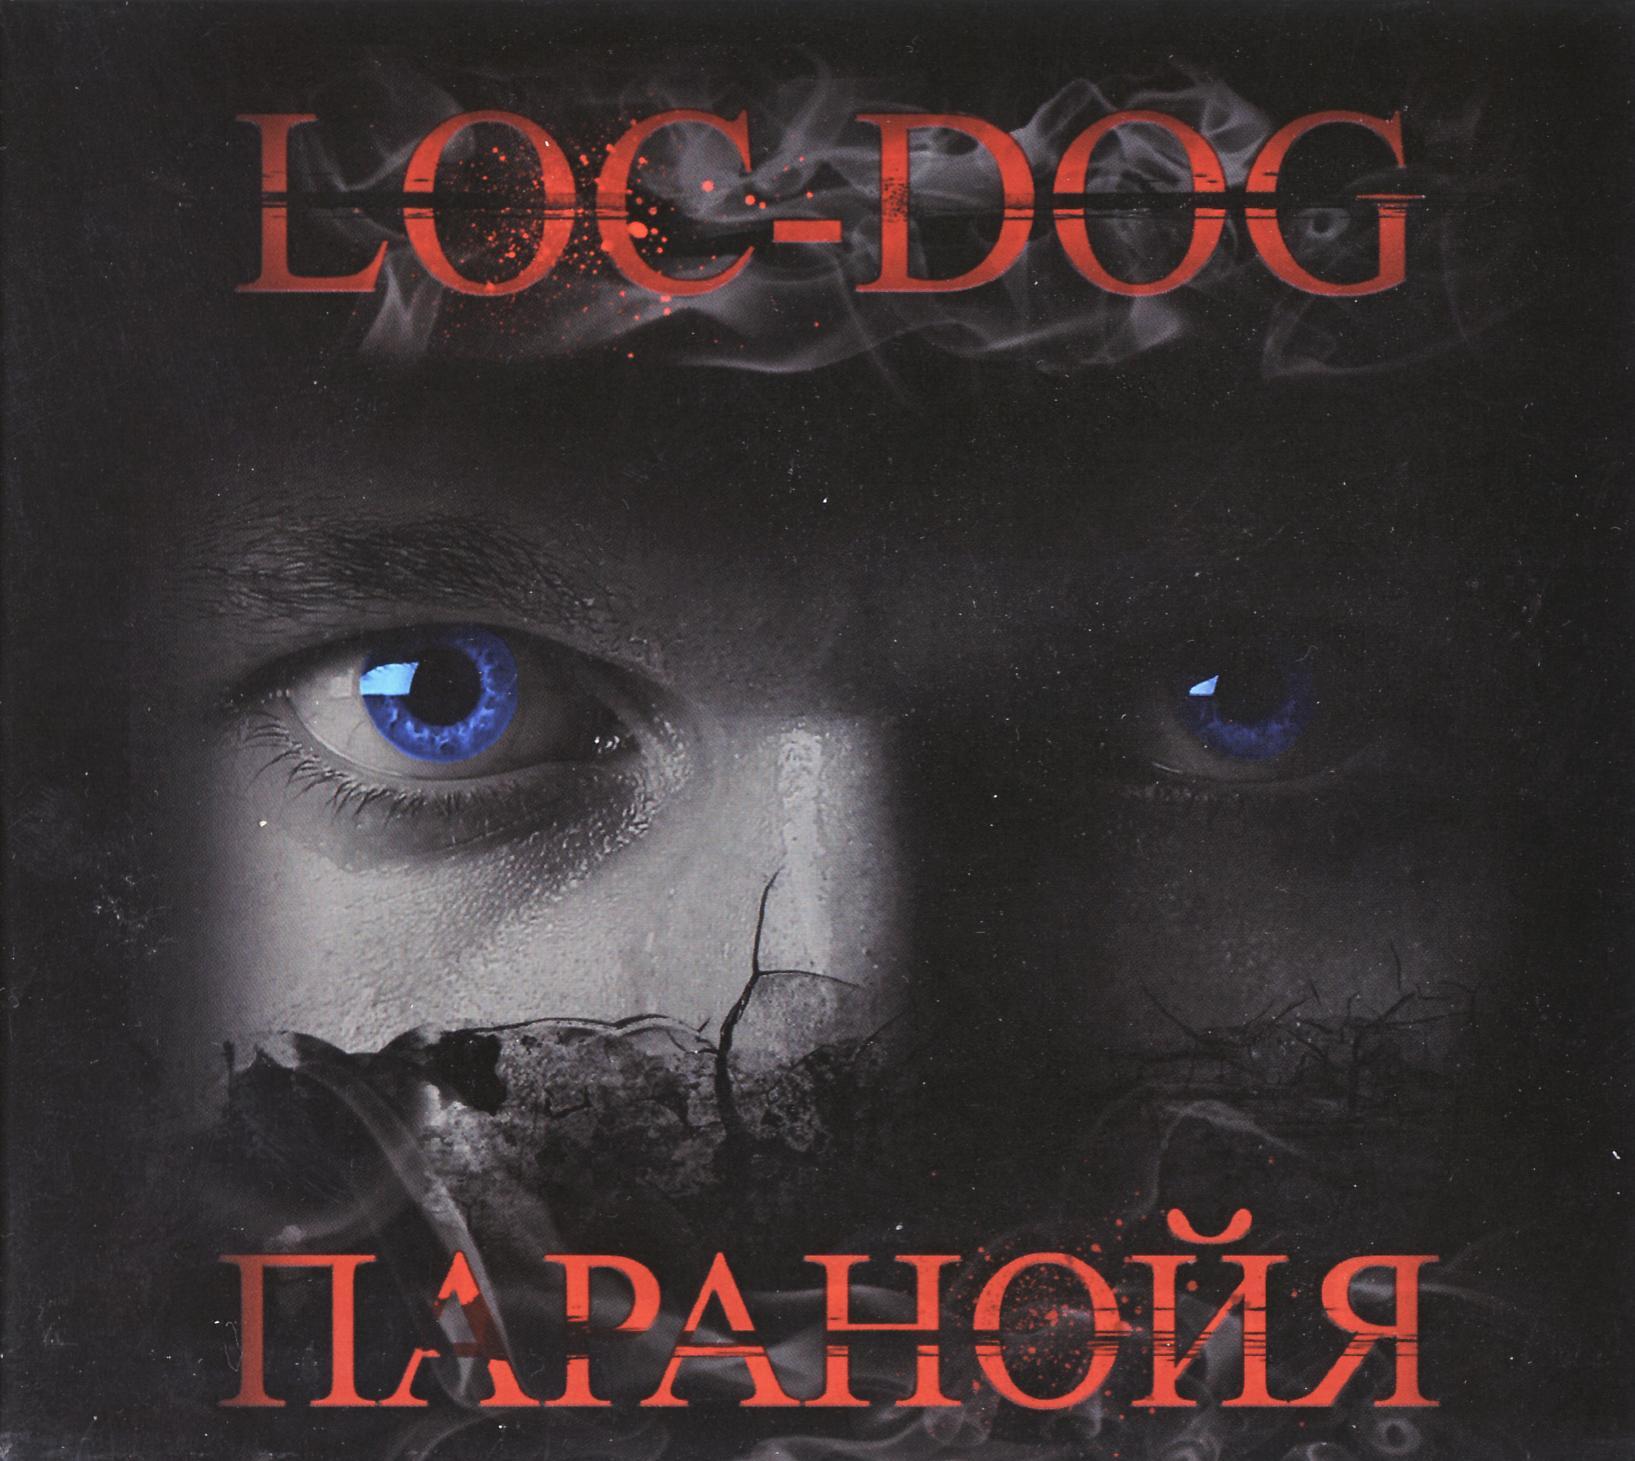 Loc dog апокалипсис 2012 скачать альбом.